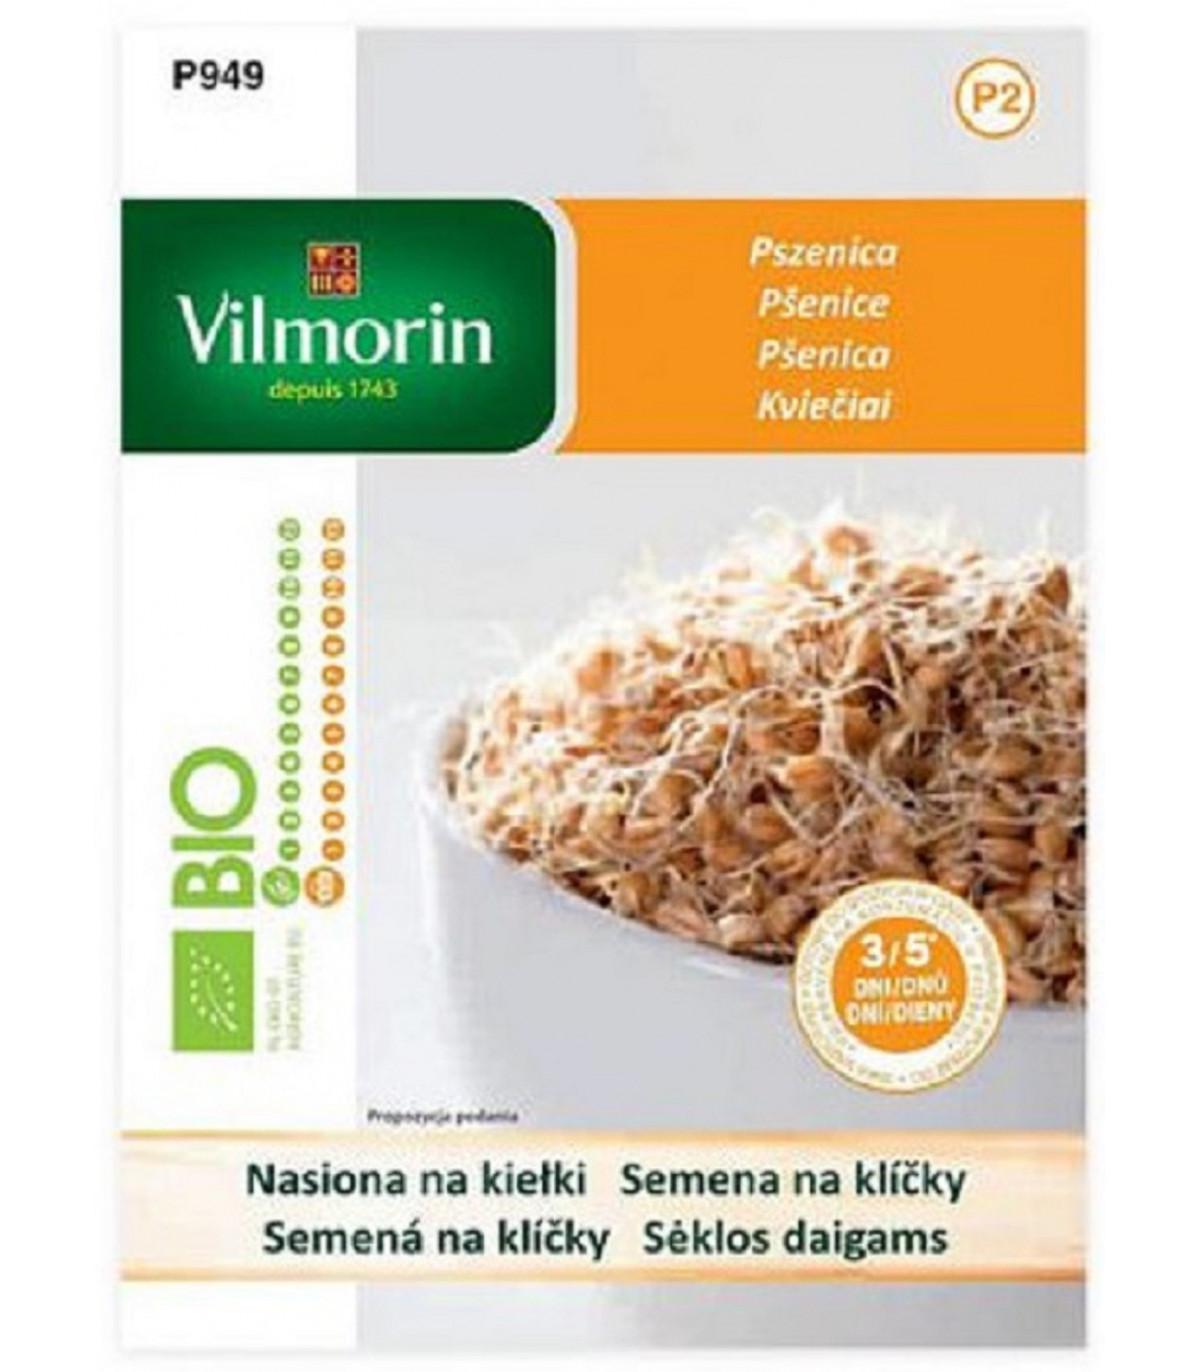 Bio semená na klíčky - Bio pšenica - semená - 40 g